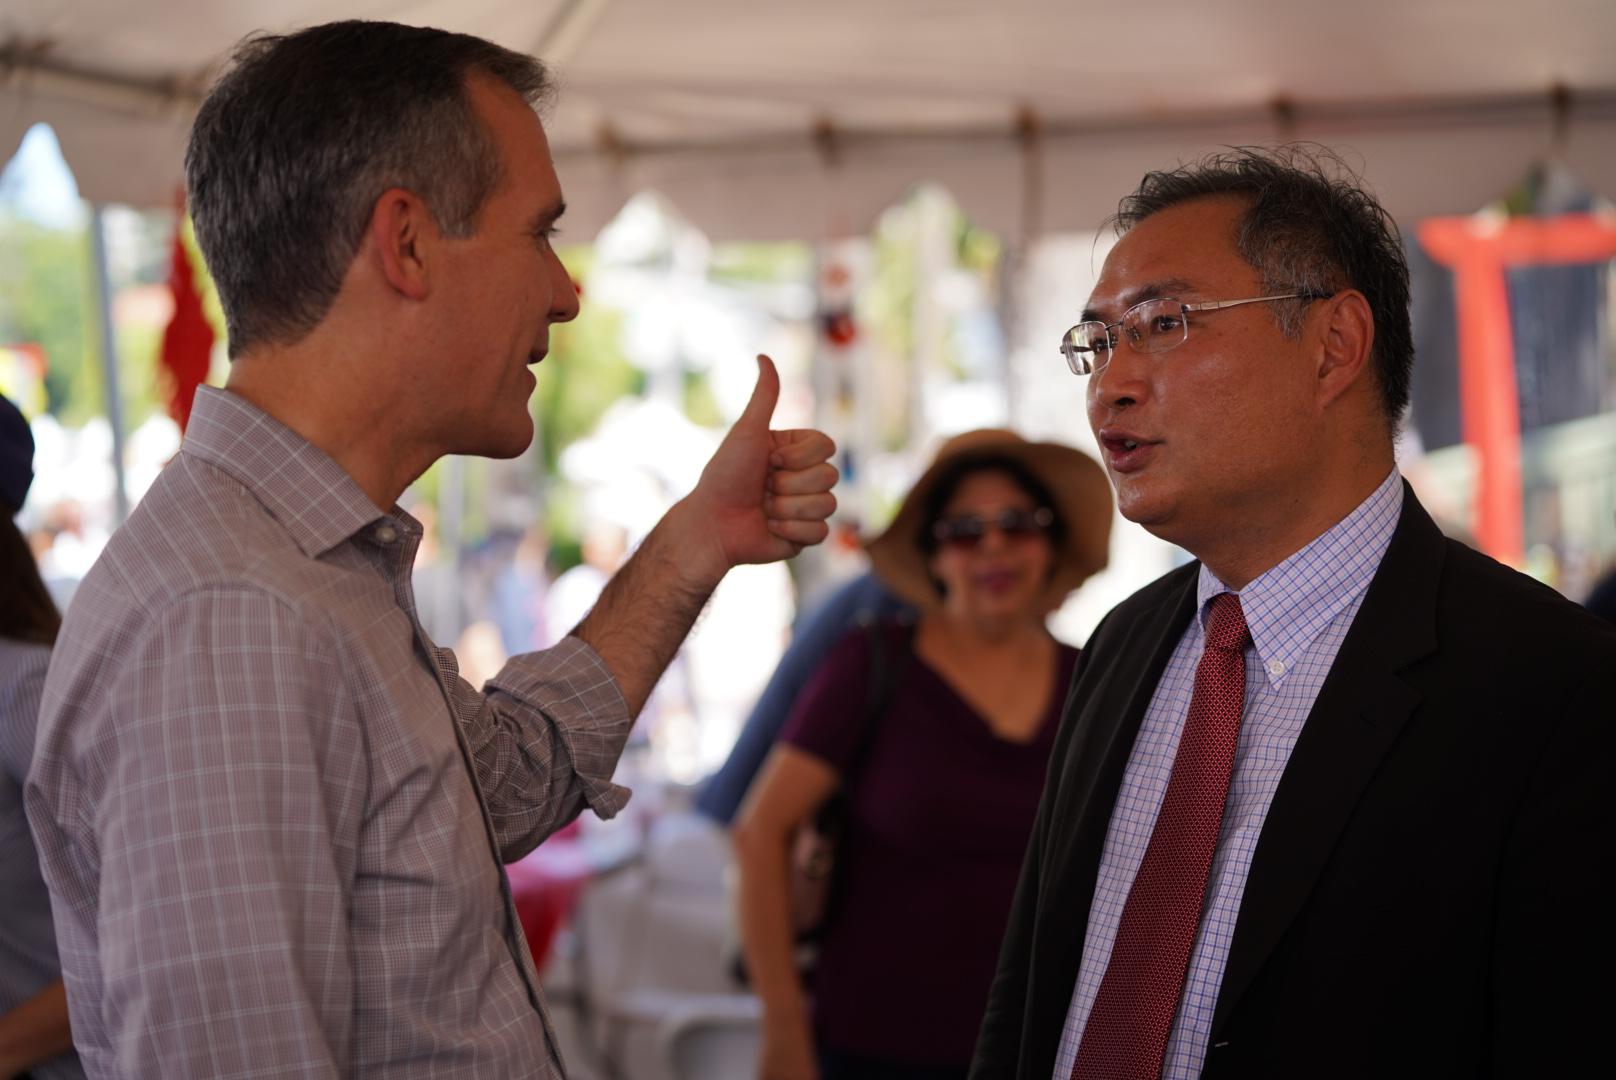 第38届洛杉矶荷花节以中国为主题,洛杉矶市长贾西提对中国驻洛杉矶总领事张平翘起大拇指,肯定中华文化!